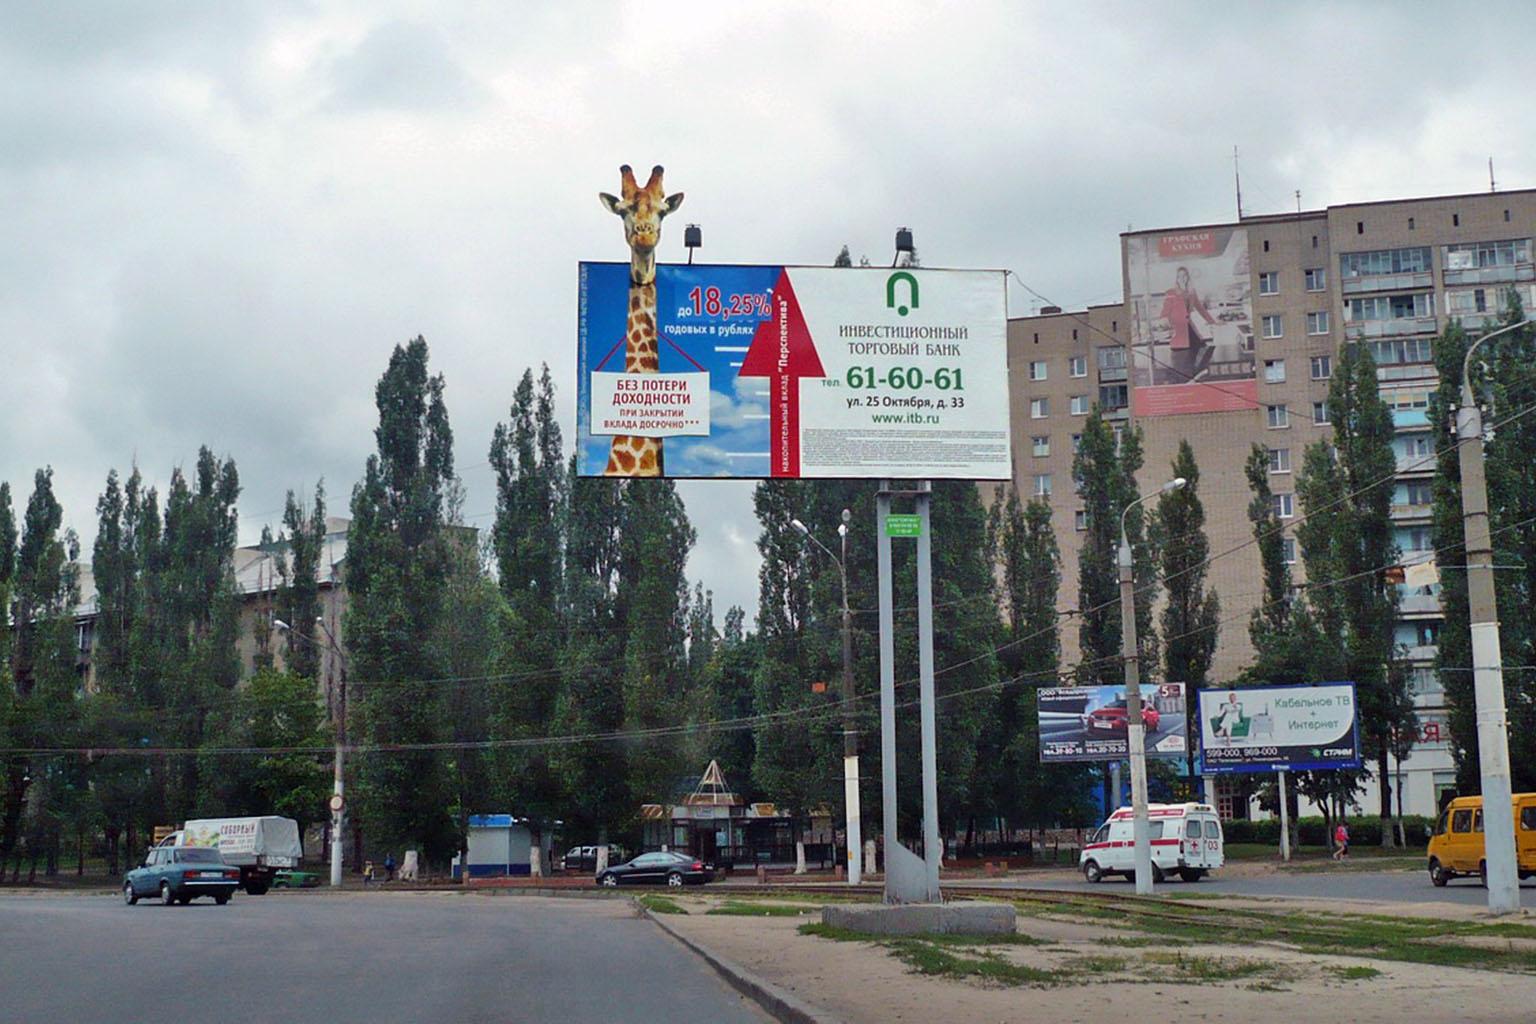 «Без потери доходности» с «ИнвестТорг Банком» - билборд ул. Матросова - ул. Ворошилова